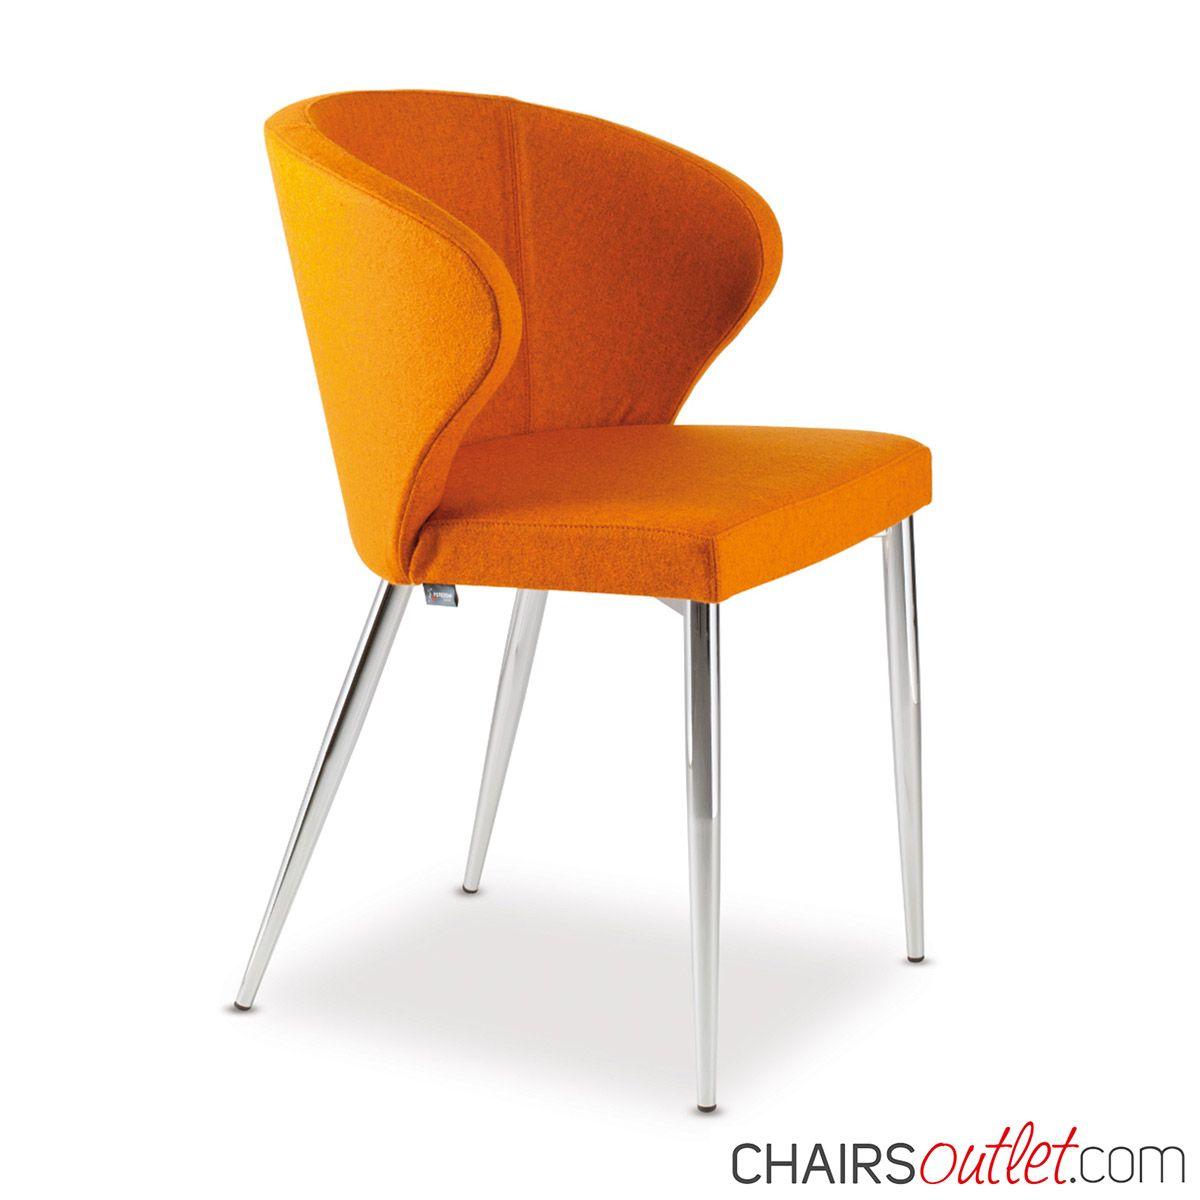 Doris P4 Sedia Poltroncina Design Madeinitaly Adatta Al Tuo  # Muebles Pezzani